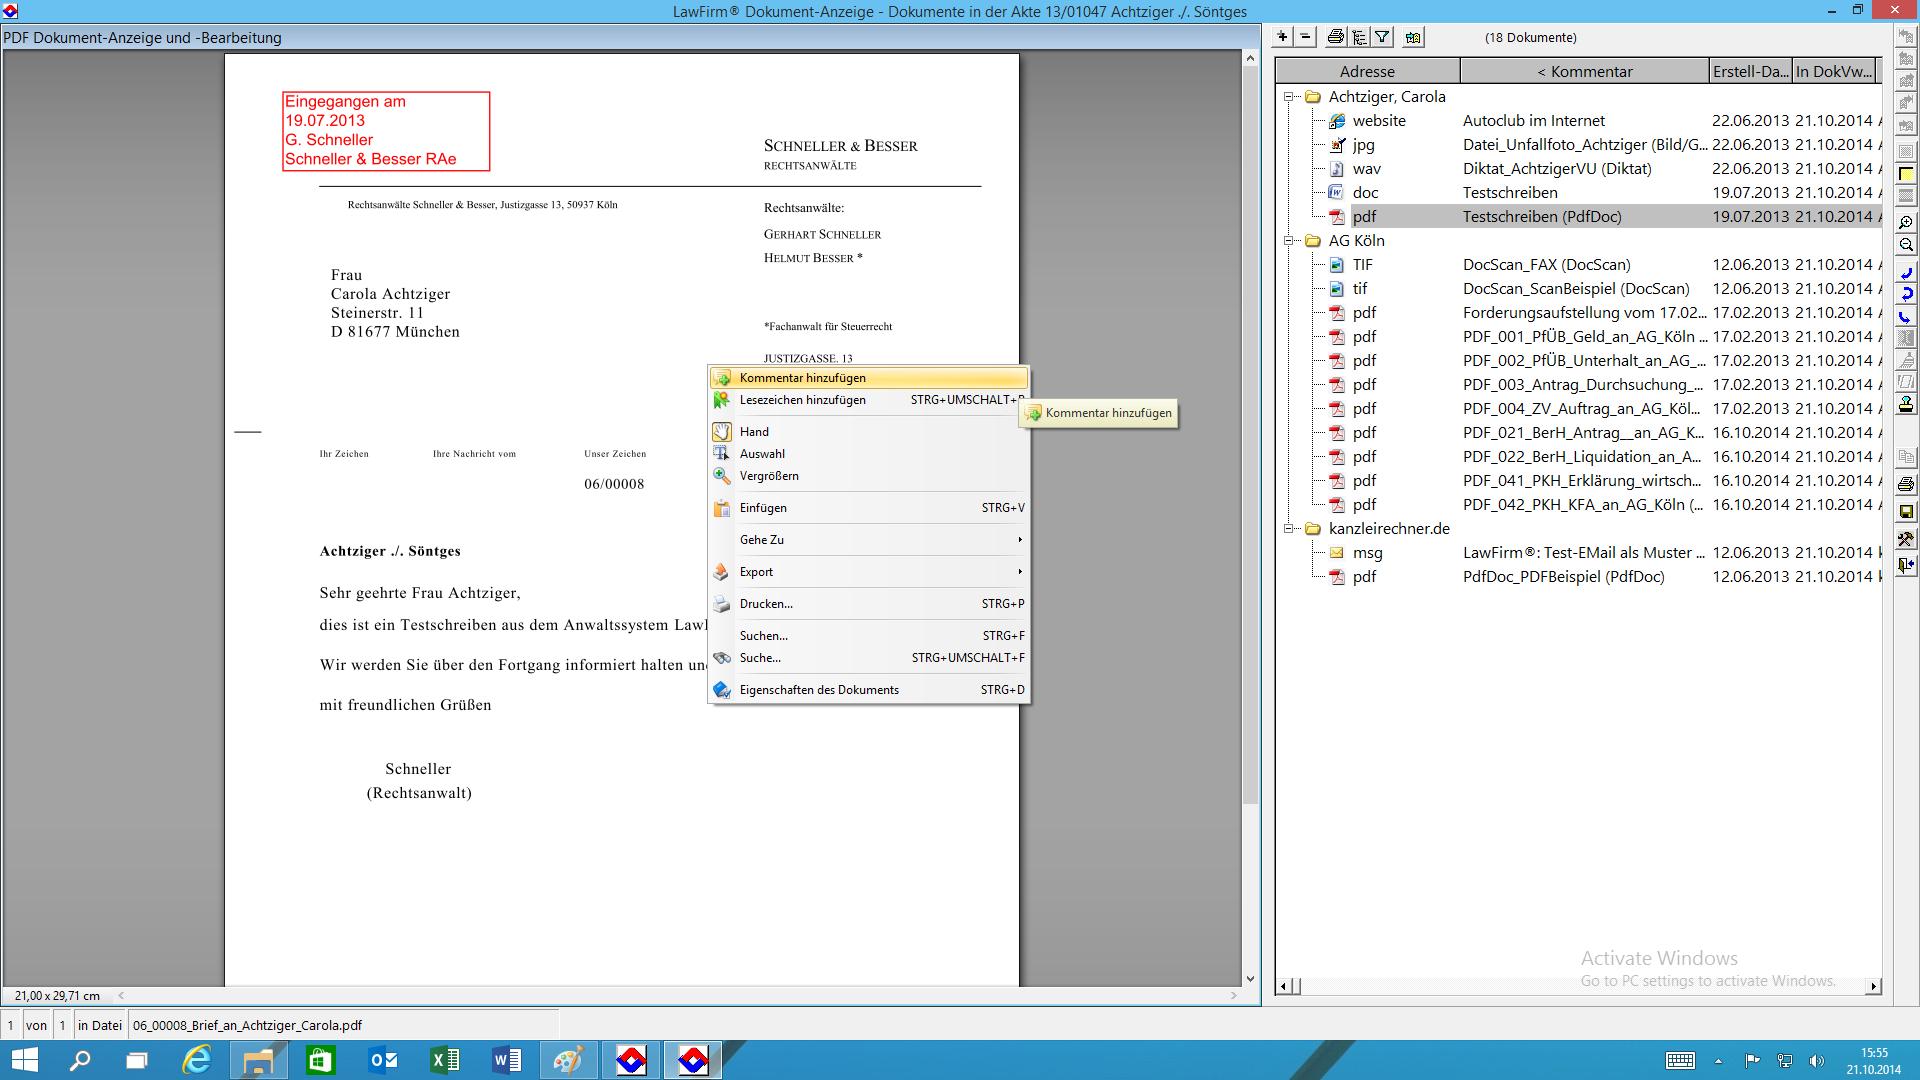 LawFirm® - Dokumentenviewer mit dynamischer Ordner-Struktur und neuen Bearbeitungsfunktionen (Posteingangs-Stempel, etc.)